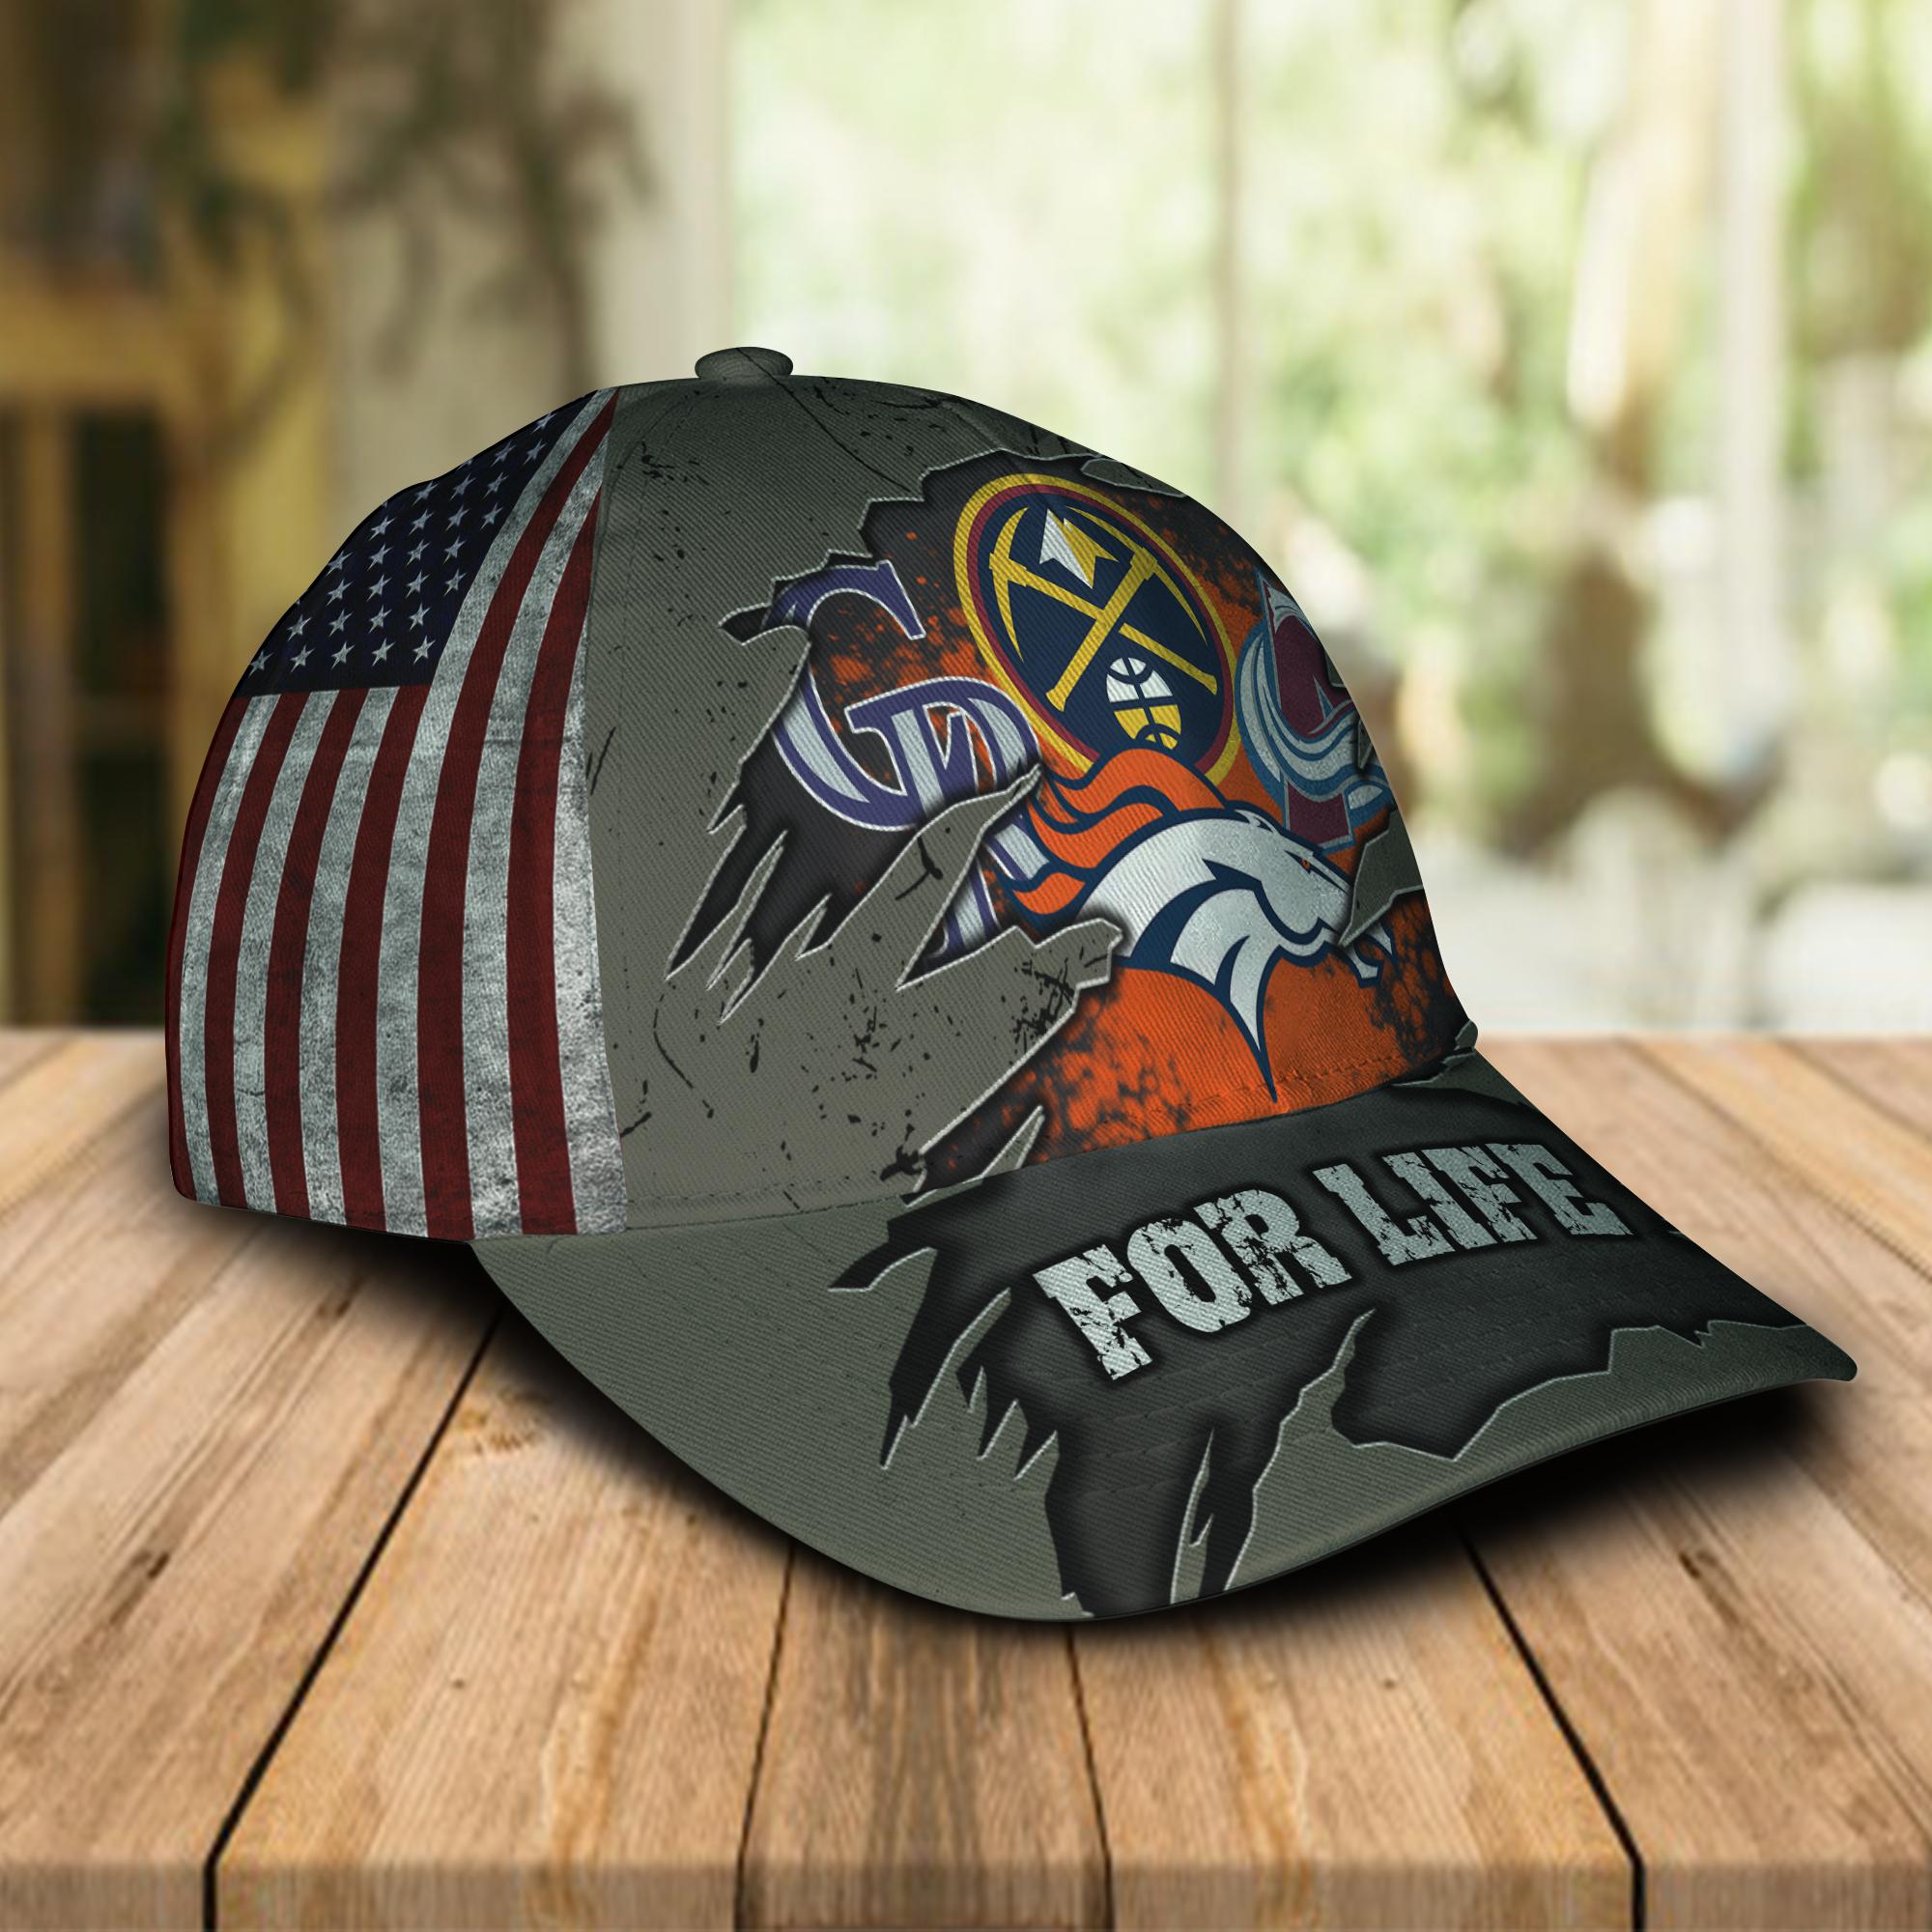 Denver Broncos Denver Nuggets Colorado Rockies Colorado Avalanche For Life Cap Hat -1